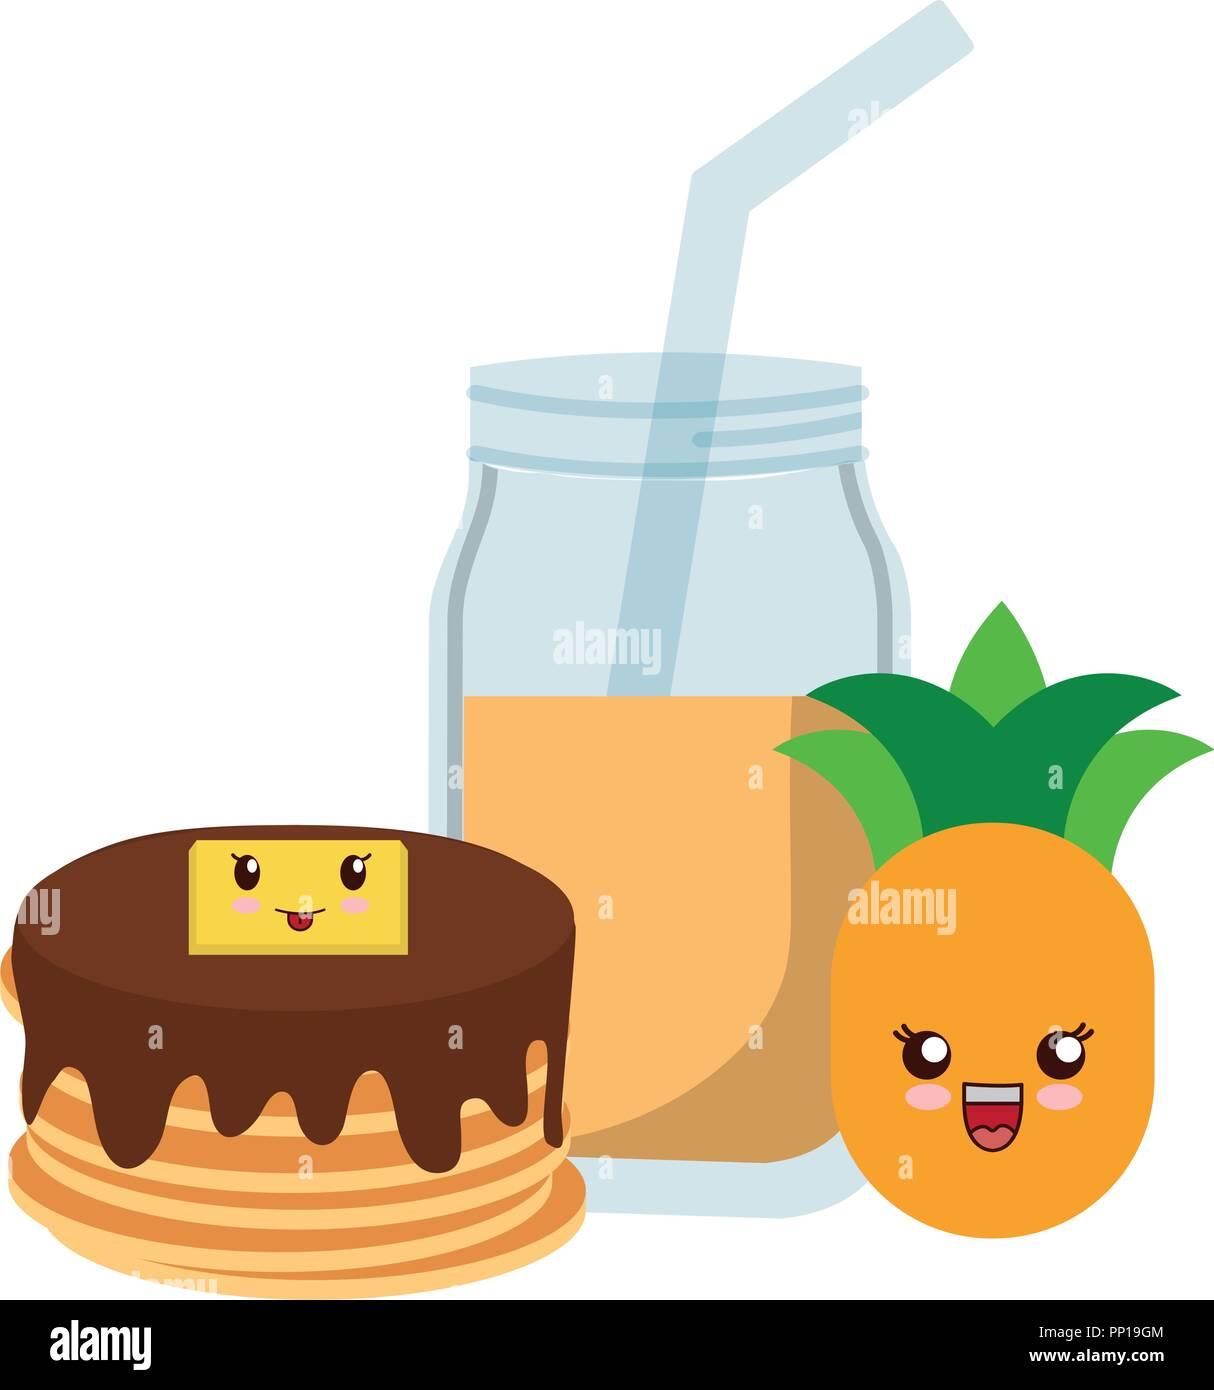 Kawaii Pancake E Succo Di Ananas Su Sfondo Bianco Illustrazione